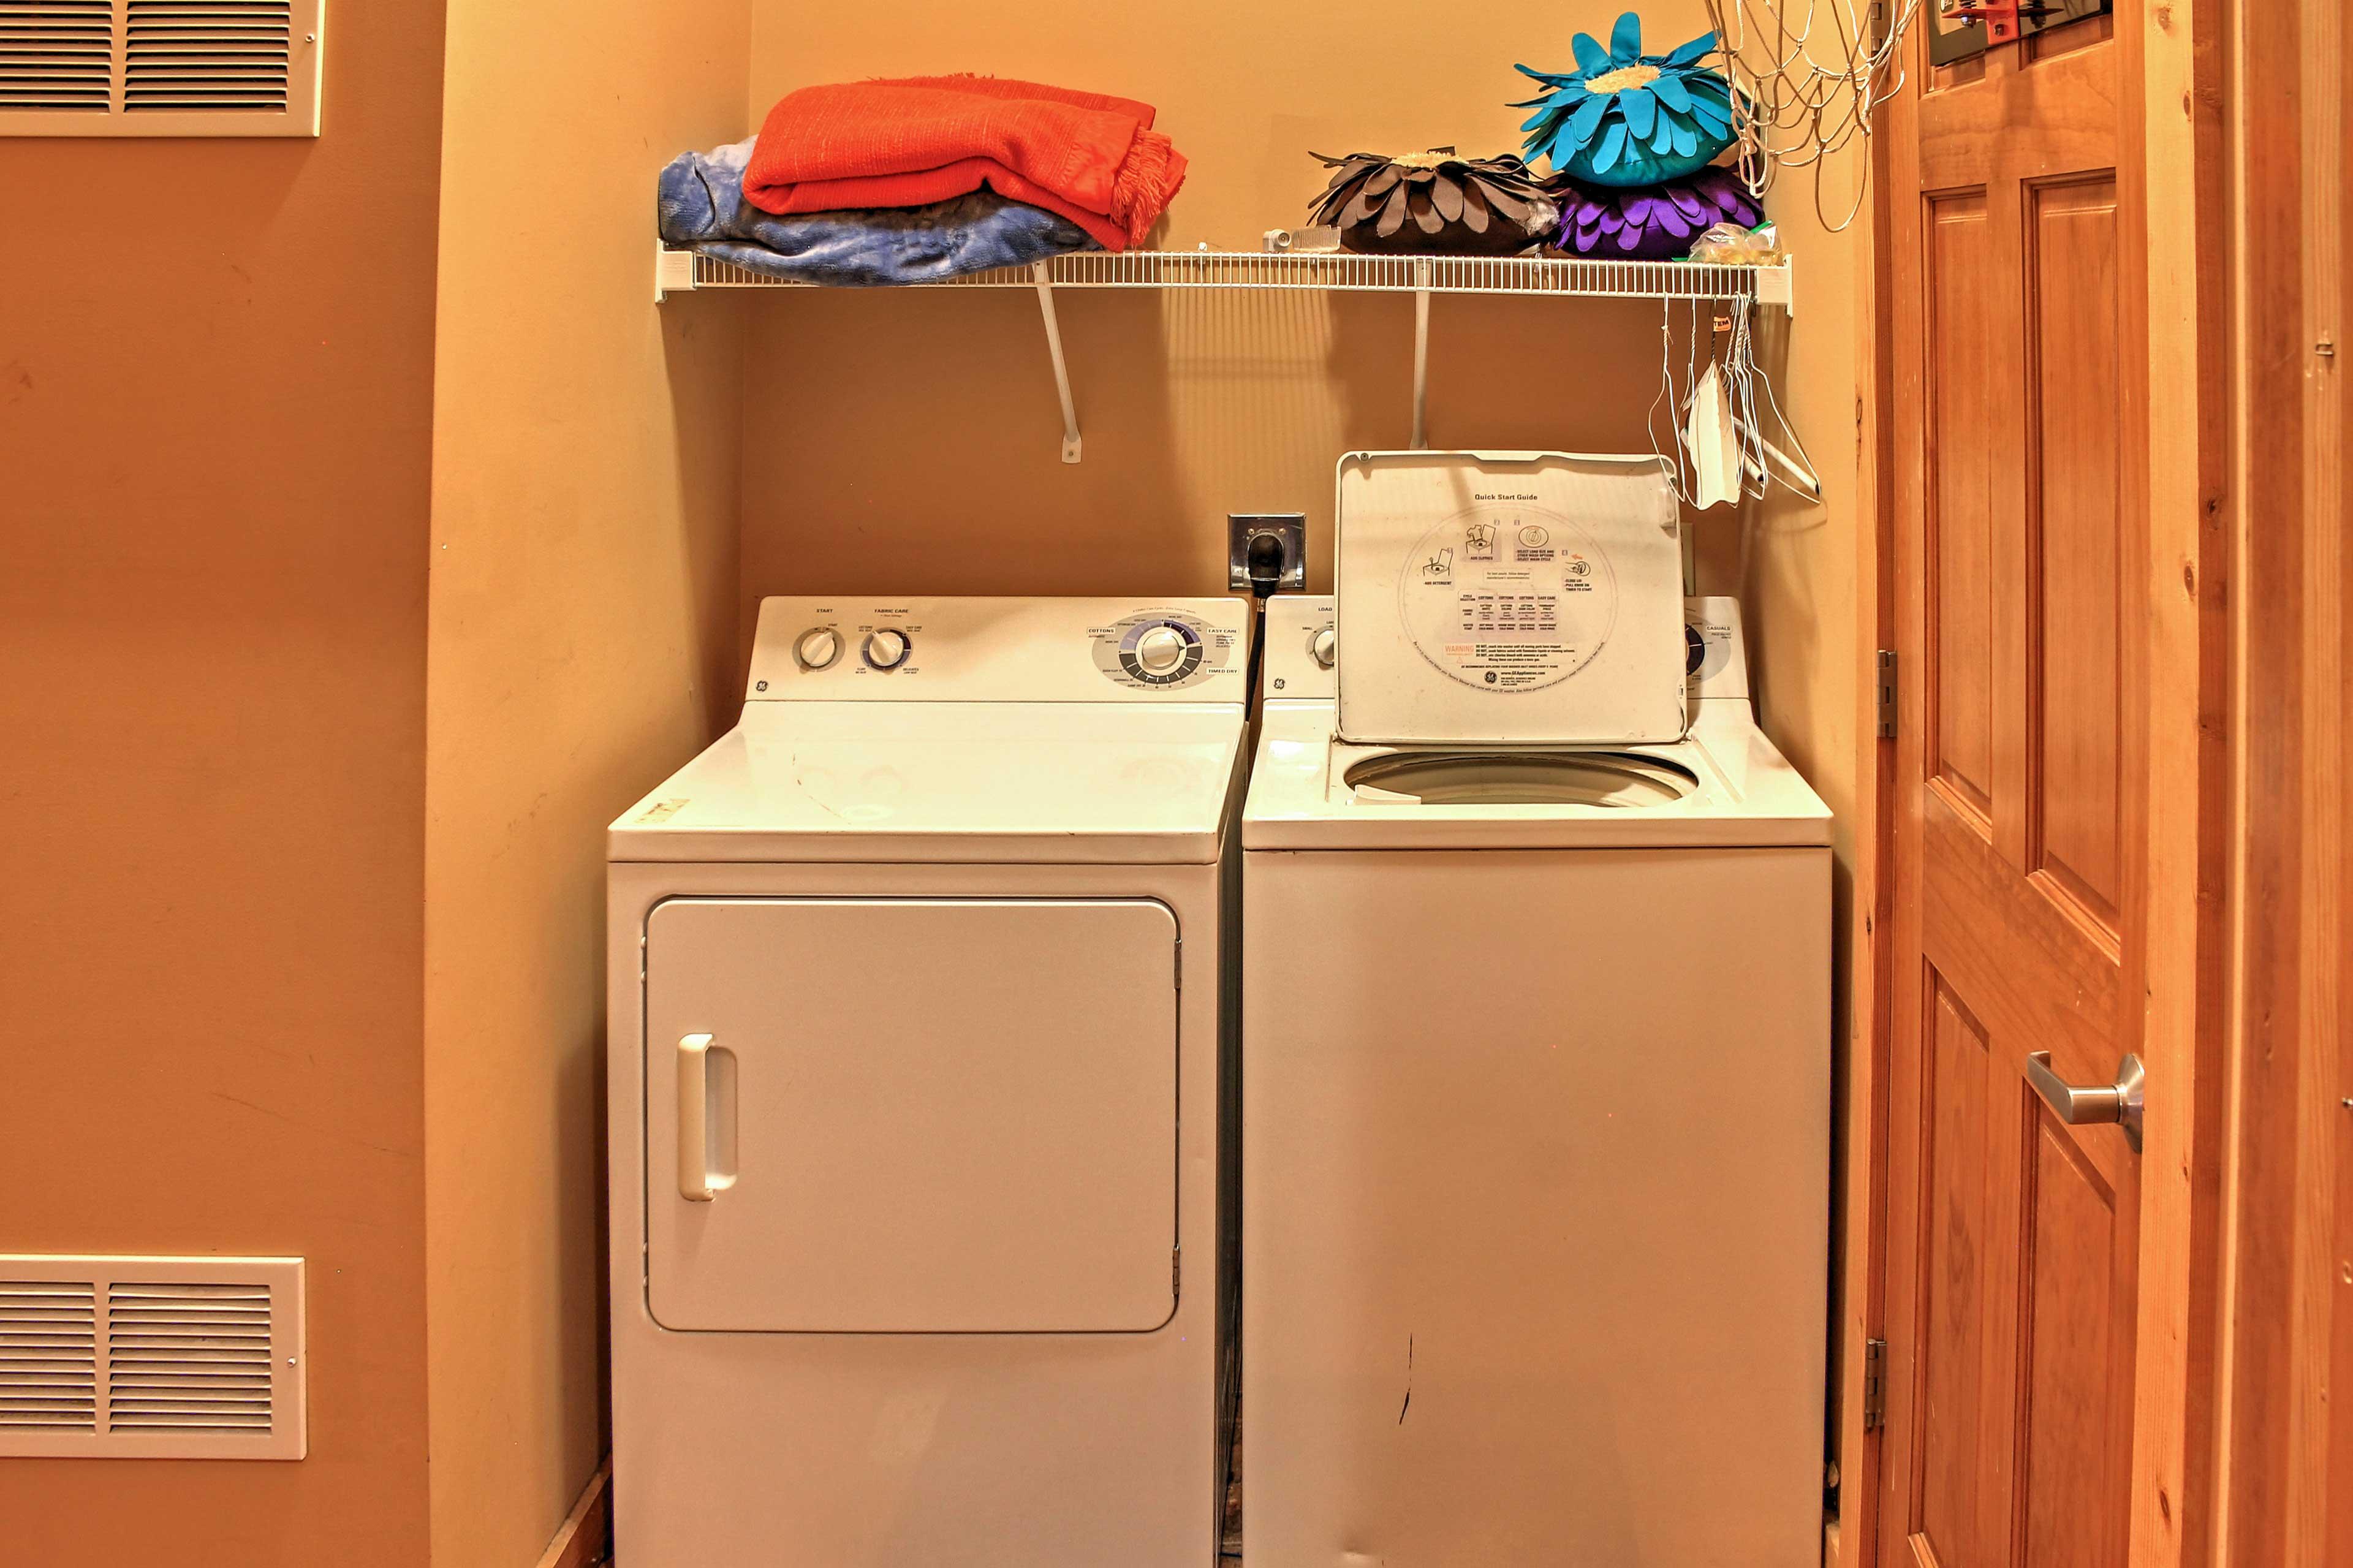 Laundry Room | Iron & Board